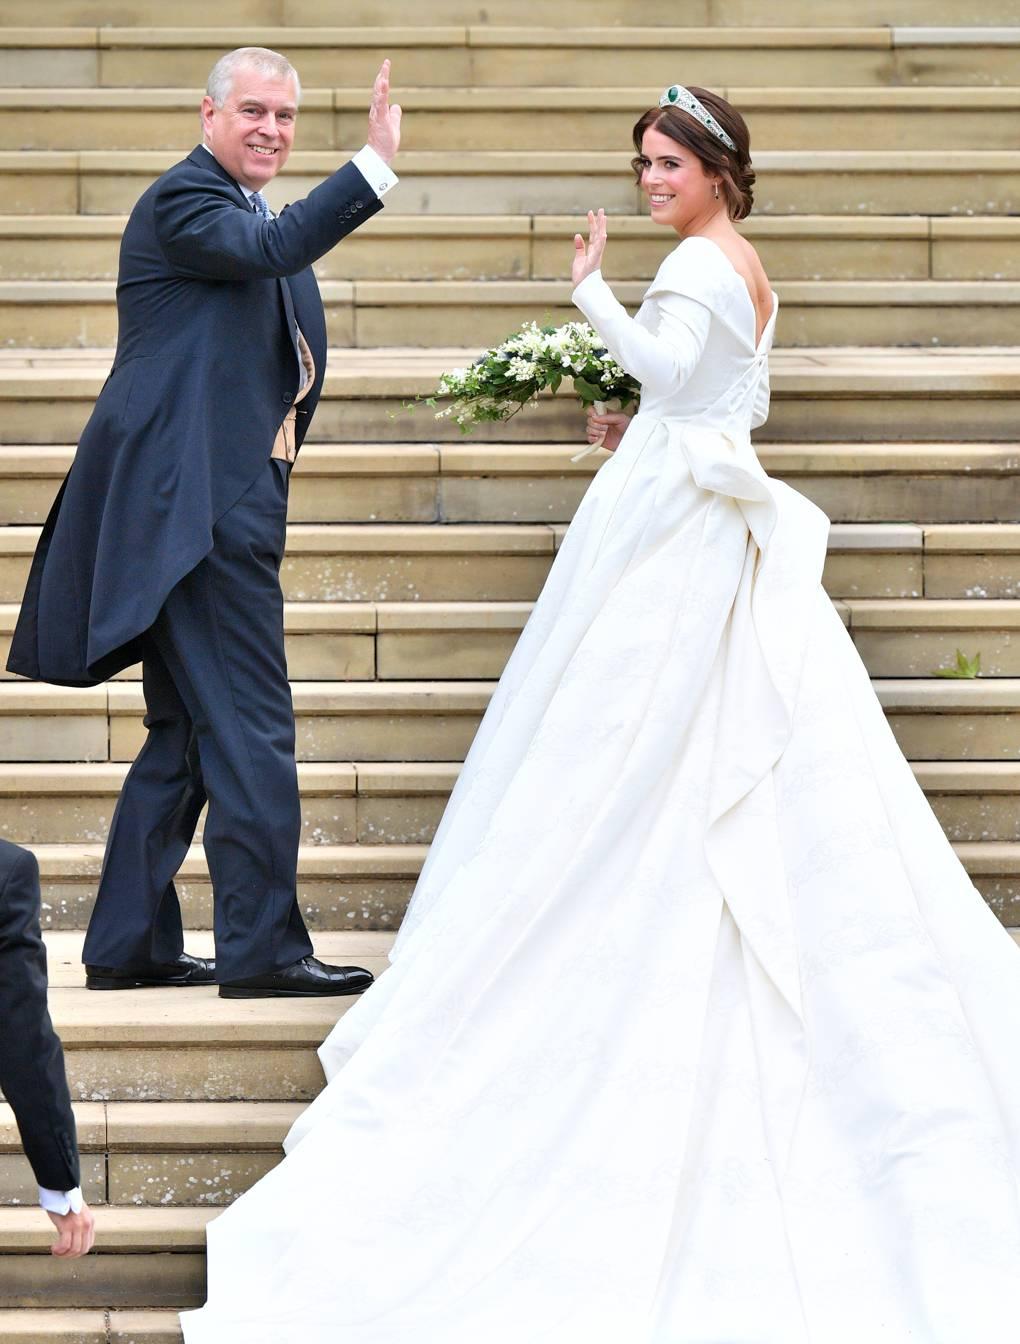 9897d461 8f62 4a92 b3c7 bf3ecd8a00b7 زفاف ملكي جديد ،حفيدة اليزابيث تدخل القفص  الذهبي  وميغان وكيت  تتنافسان!!!!!